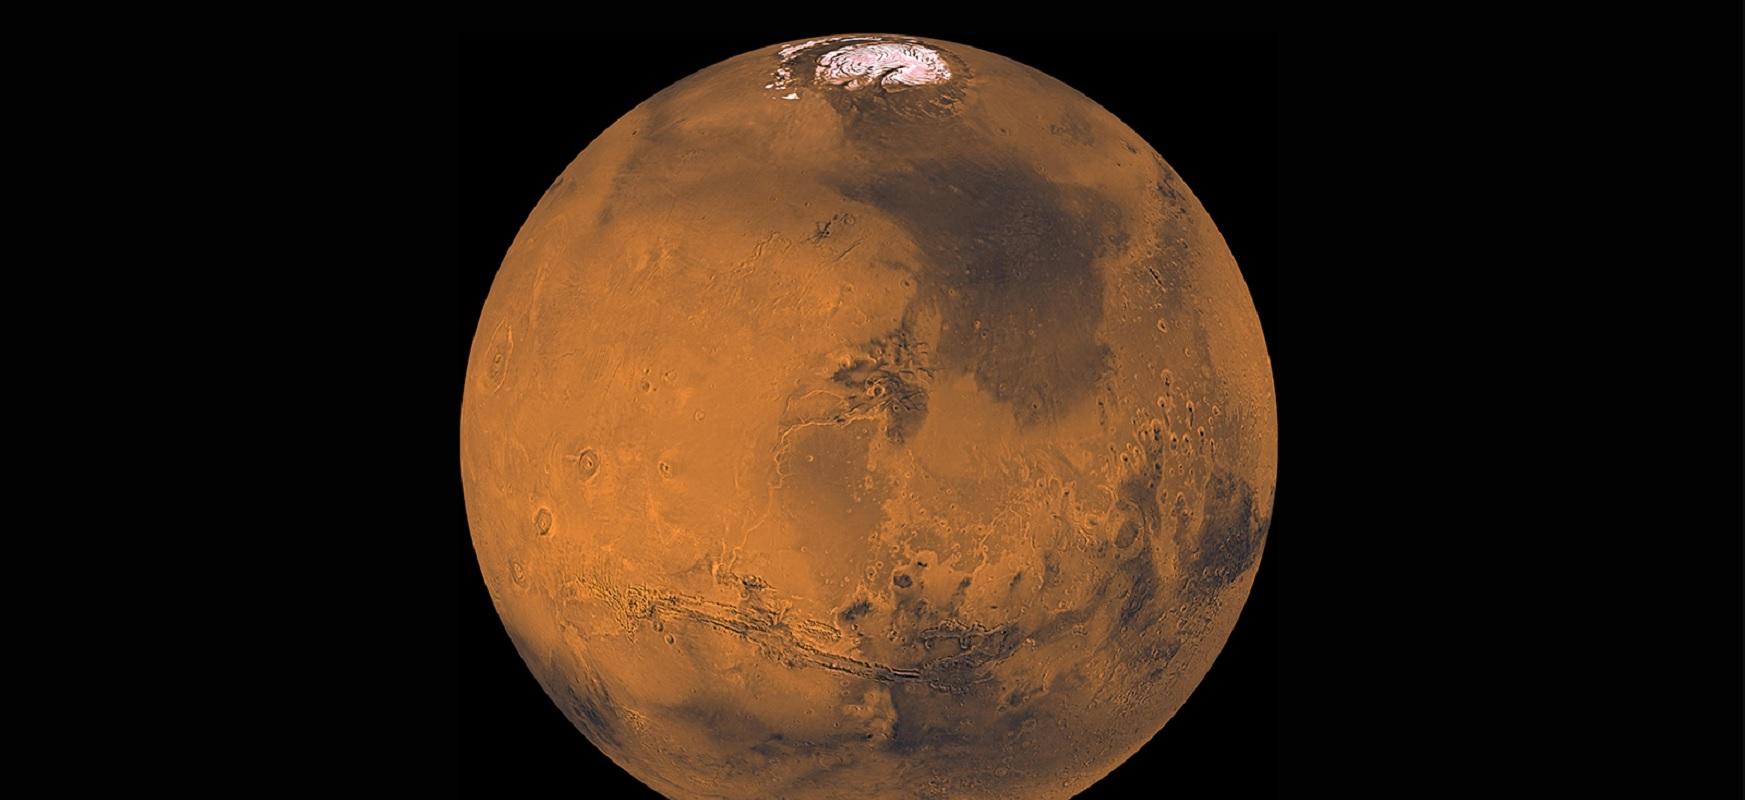 Martiako gauak hodeitsu daude.  Ordenagailu ereduek Planeta Gorriaren klima aztertzen dute